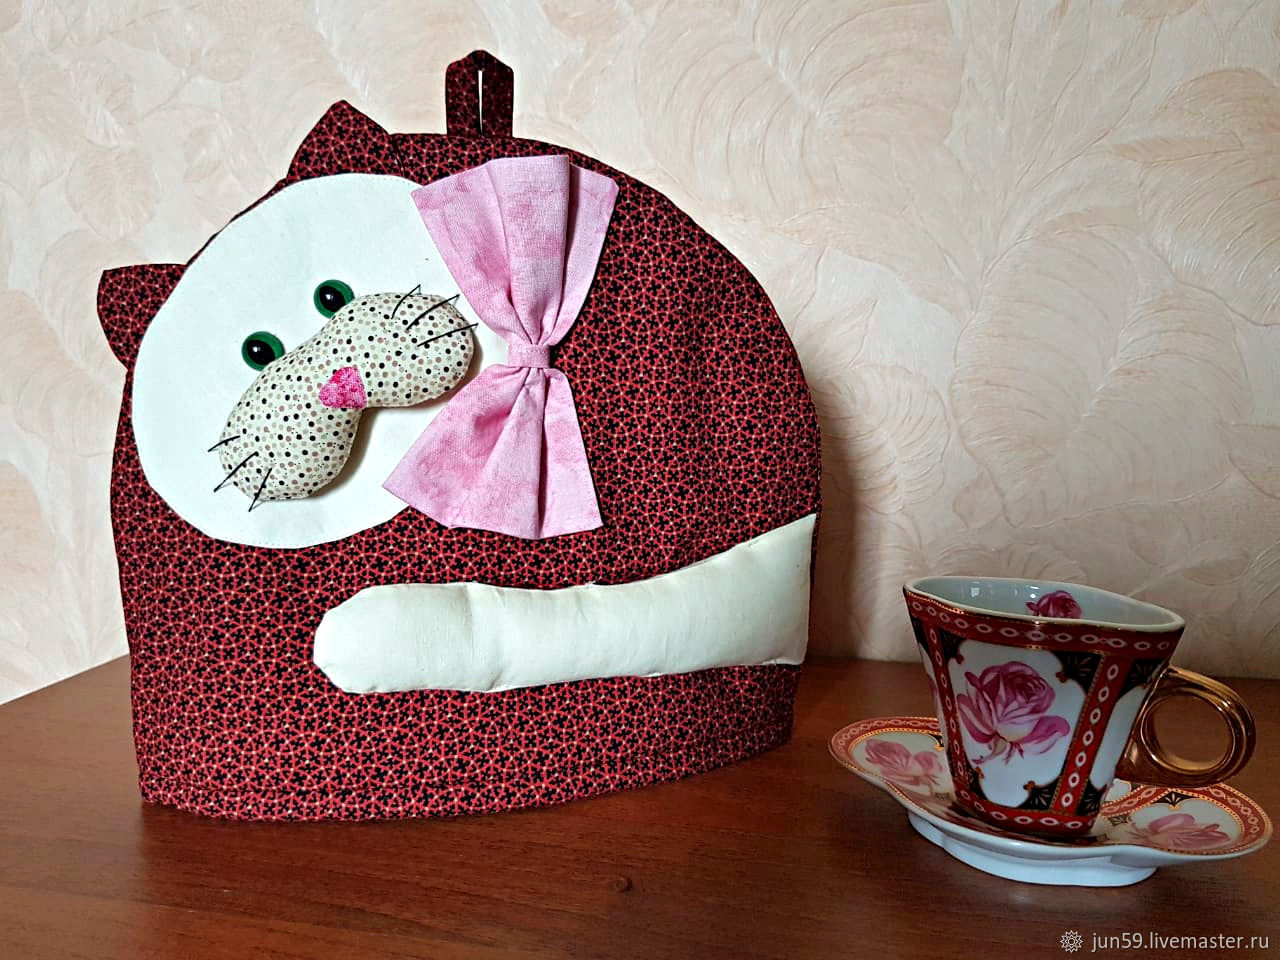 Грелка на чайник, своими руками изготовленная - это эсклюзивно, модно, экономично!